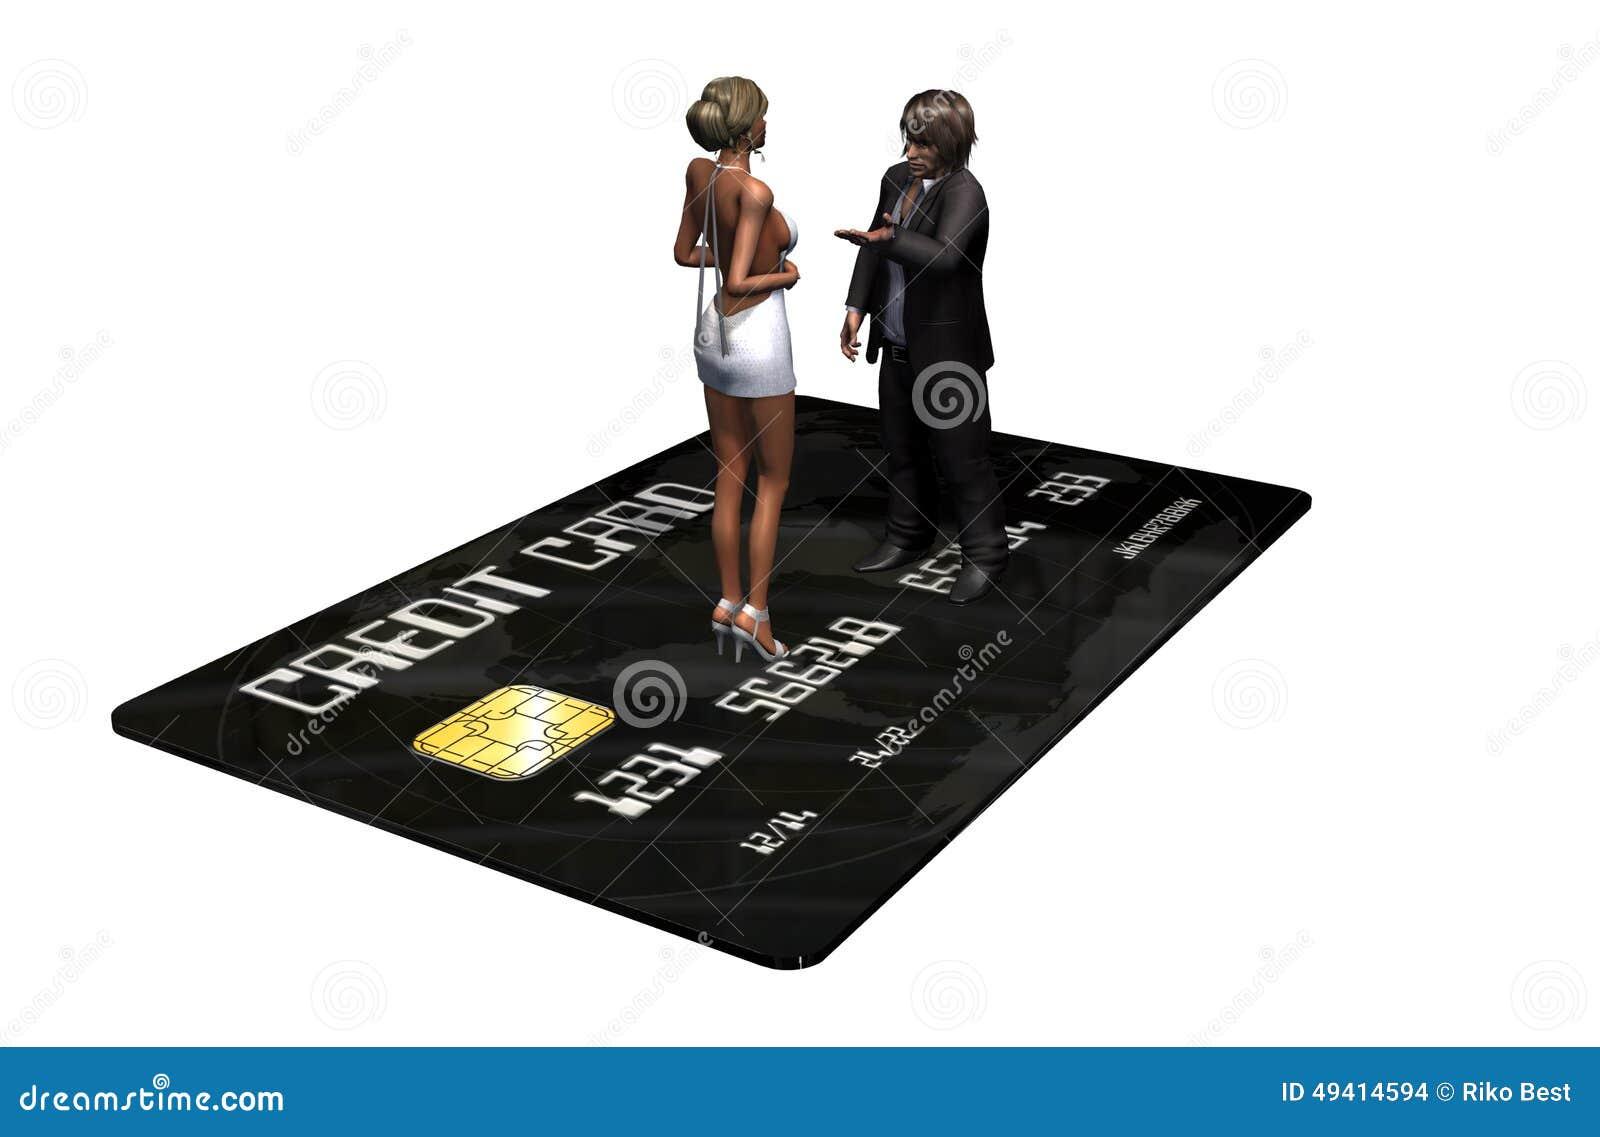 Download Kreditkarte Mit Personen Im Geschäft Stock Abbildung - Illustration von system, bankverkehr: 49414594